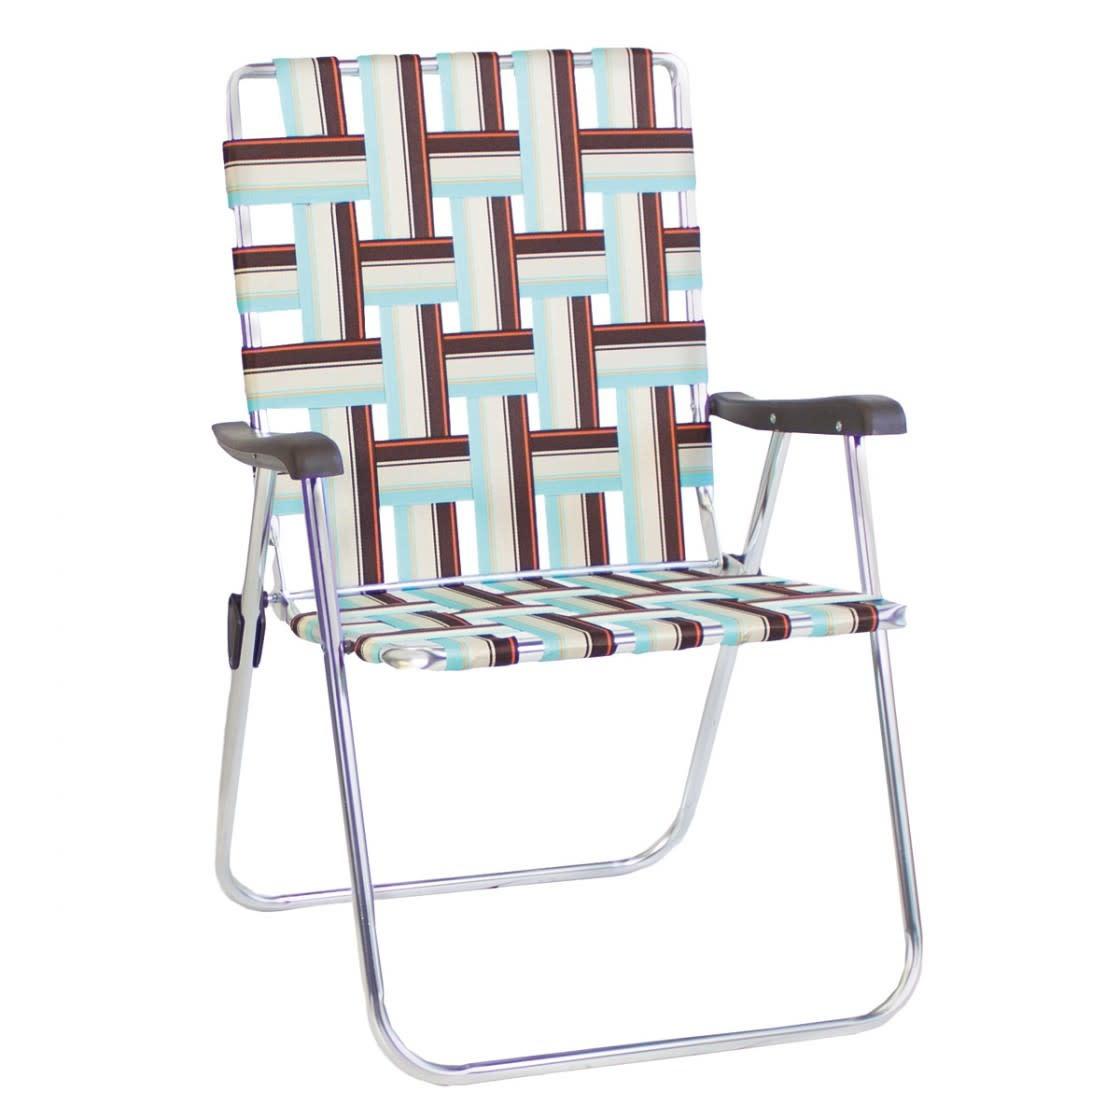 KUMA Kuma Backtrack Chair